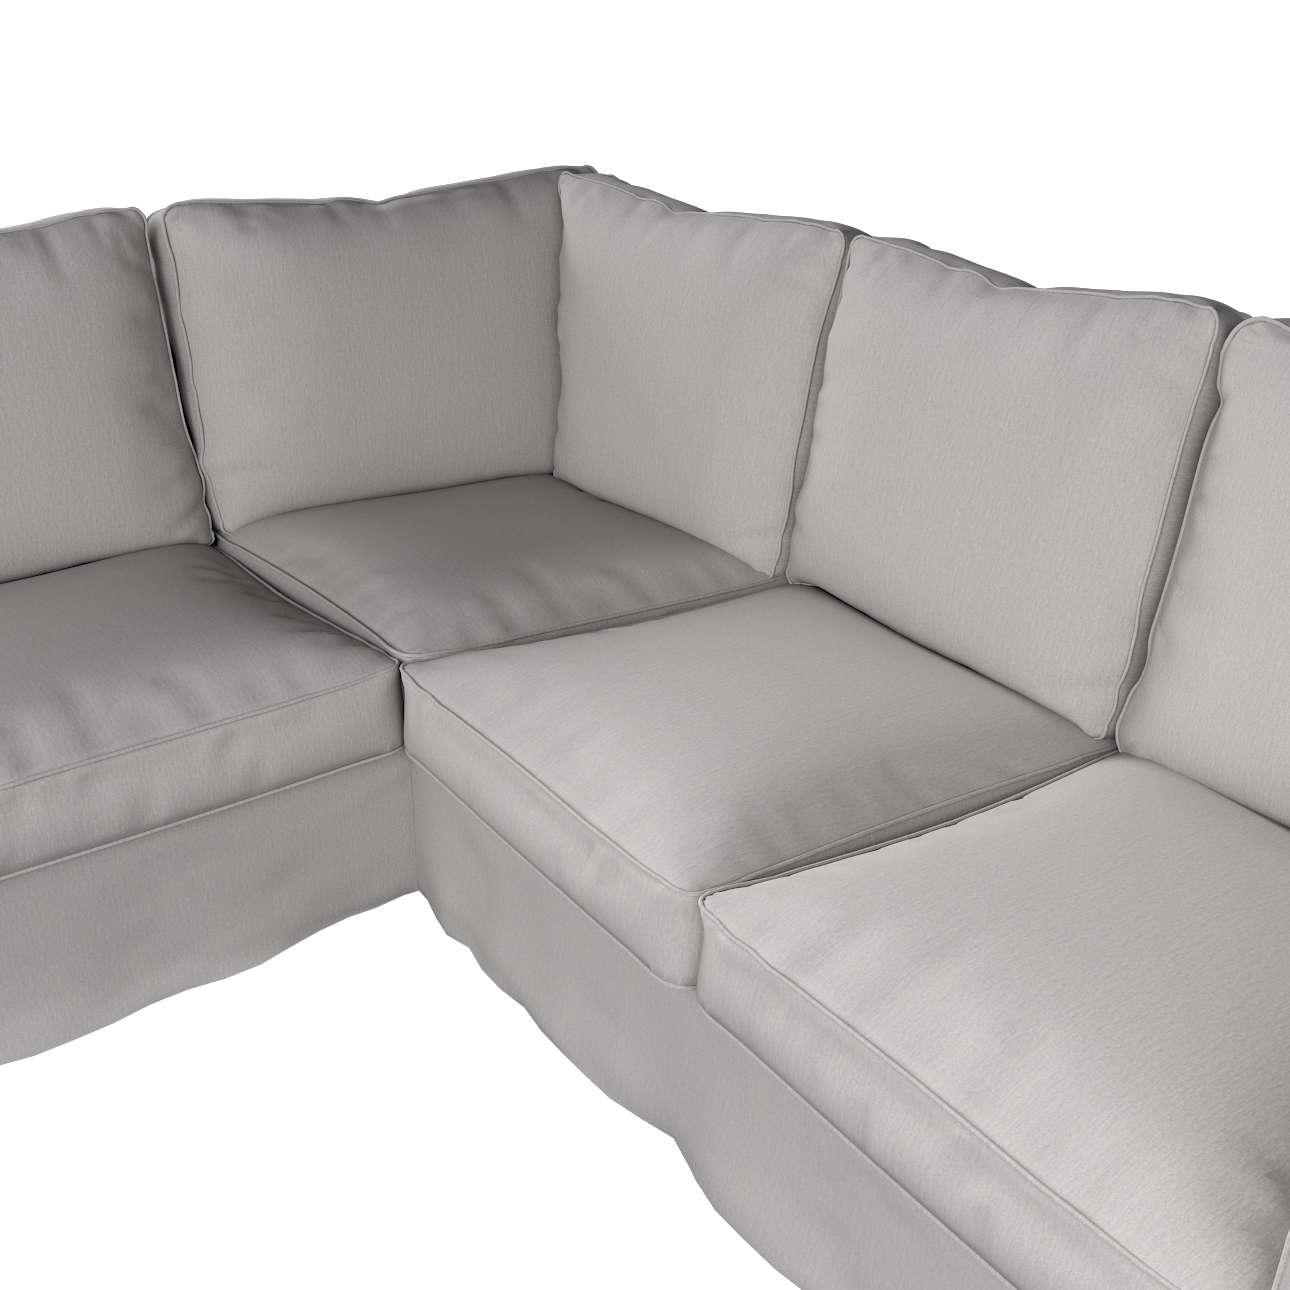 Pokrowiec Ektorp na sofę narożną w kolekcji Chenille, tkanina: 702-23